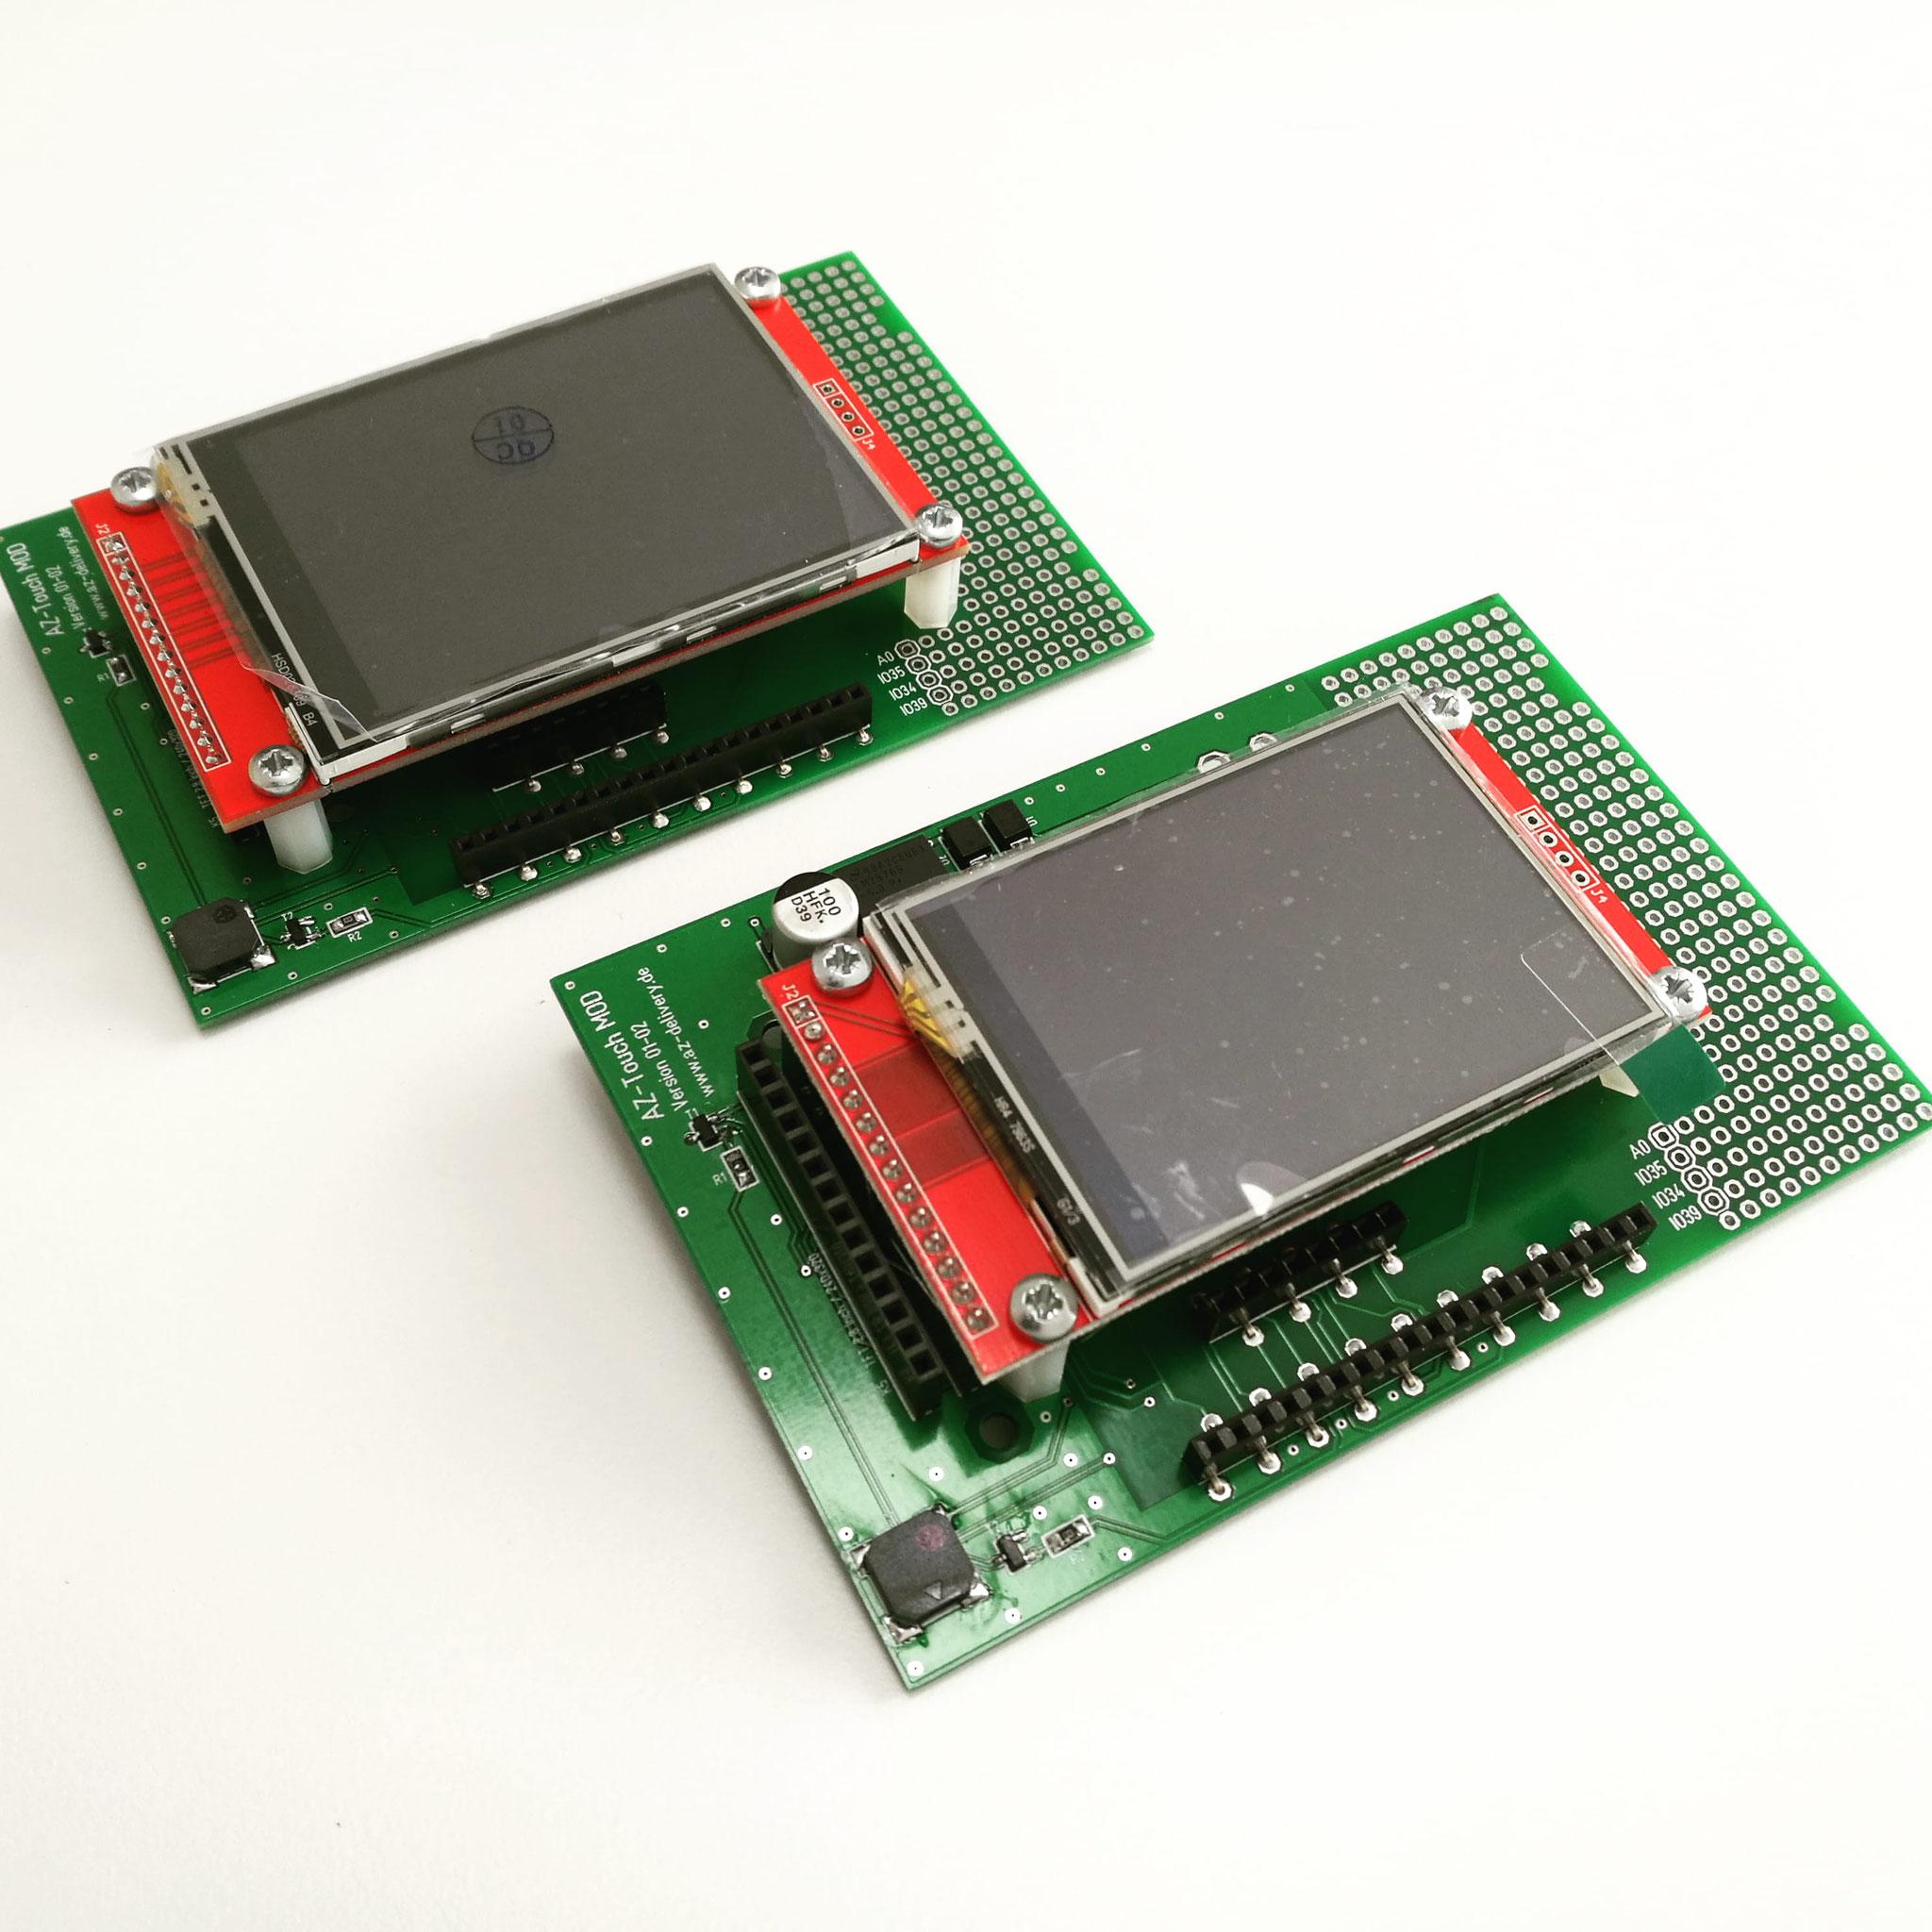 """Größenvergleich Displays 2.8"""" (links) und 2.4"""" (rechts)"""